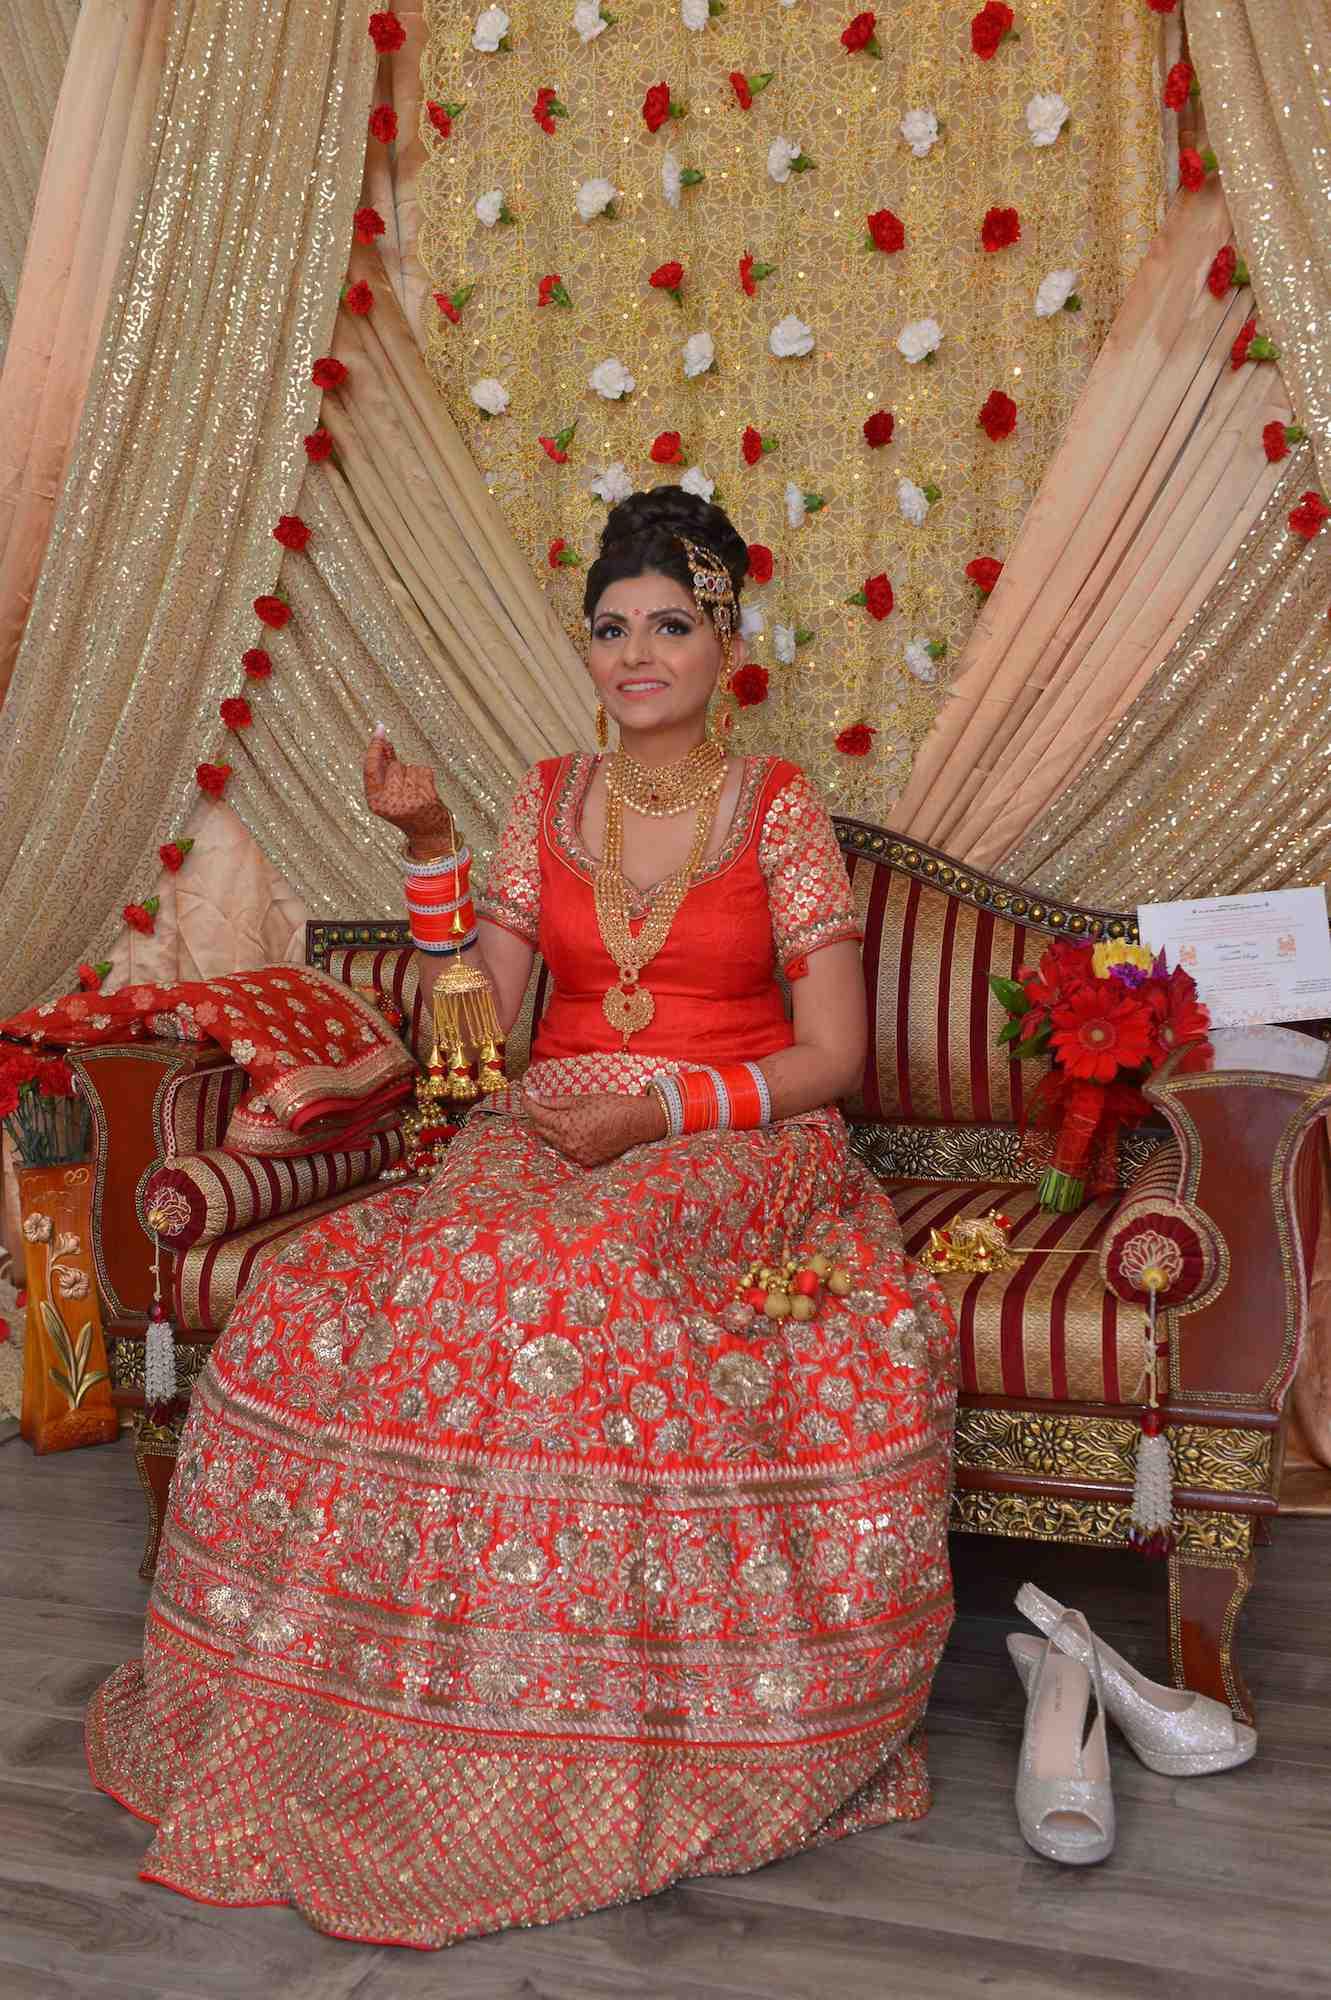 Indian bride w